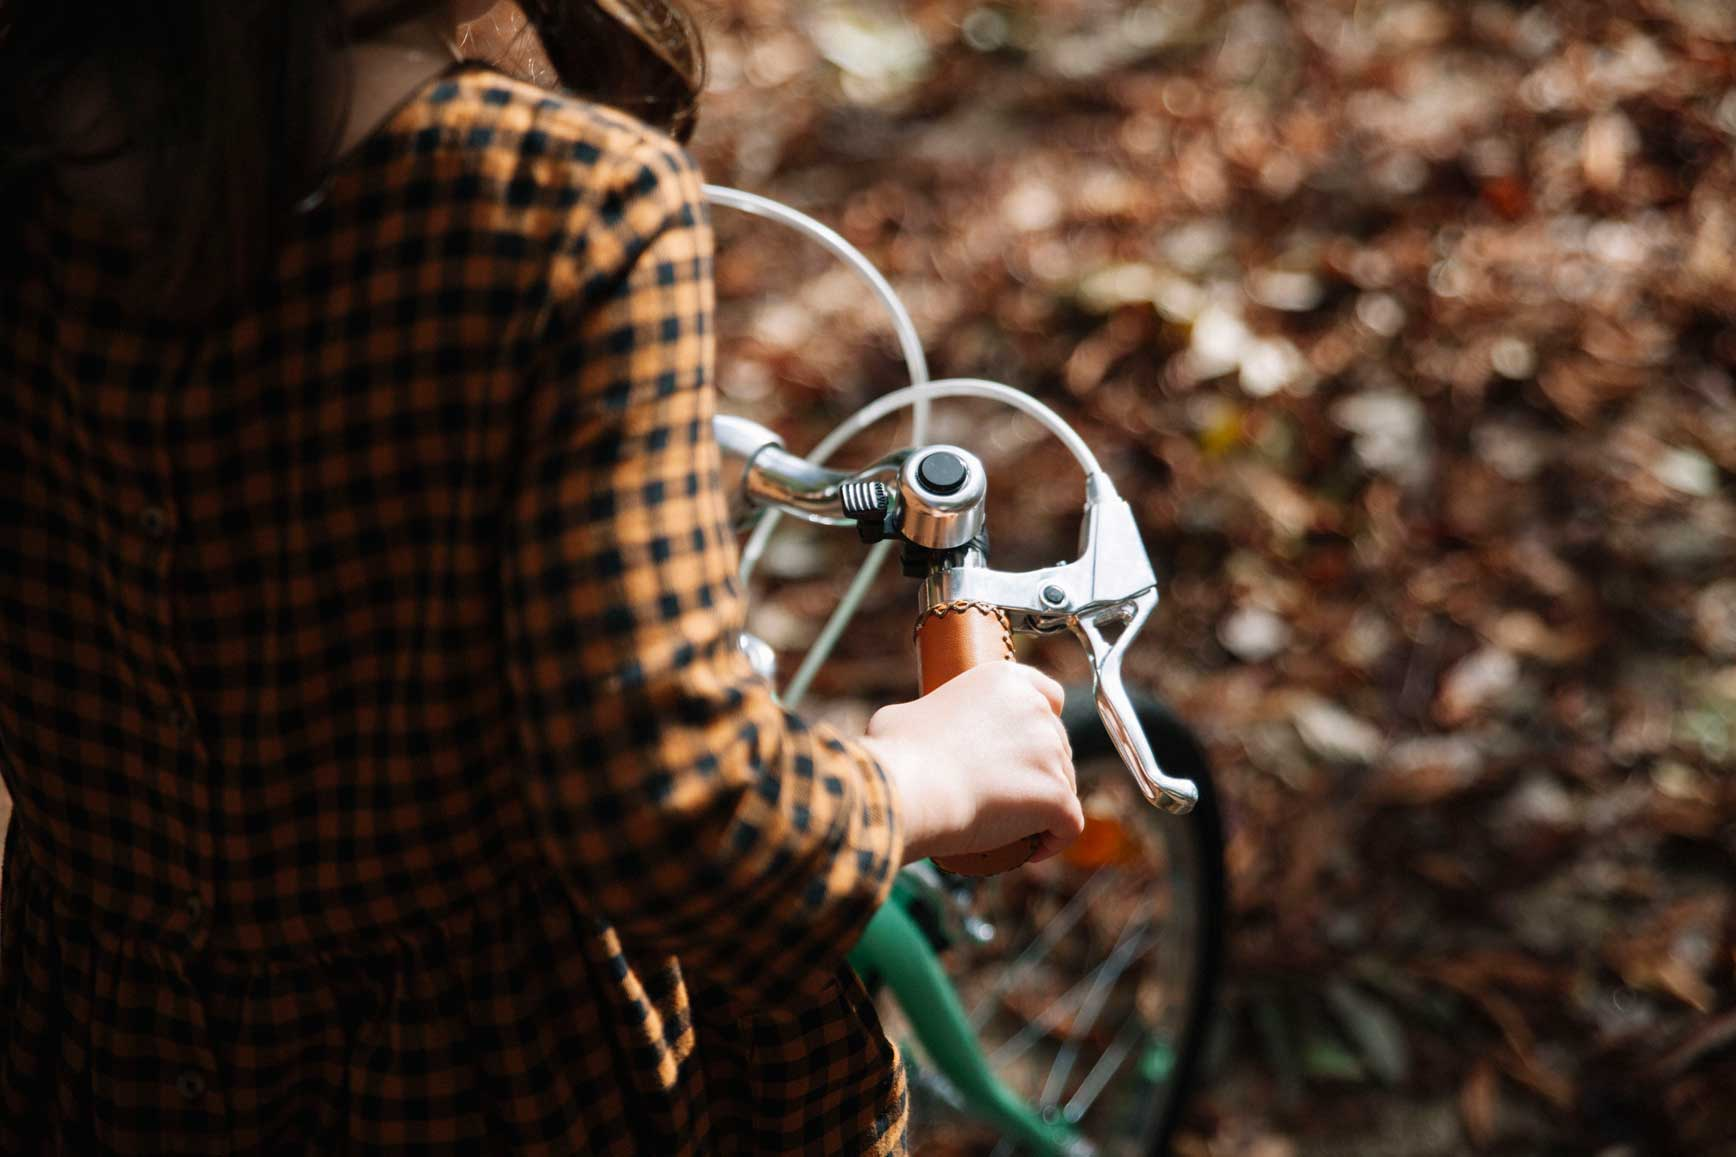 Historias de bicicleta-claraBmartin-22